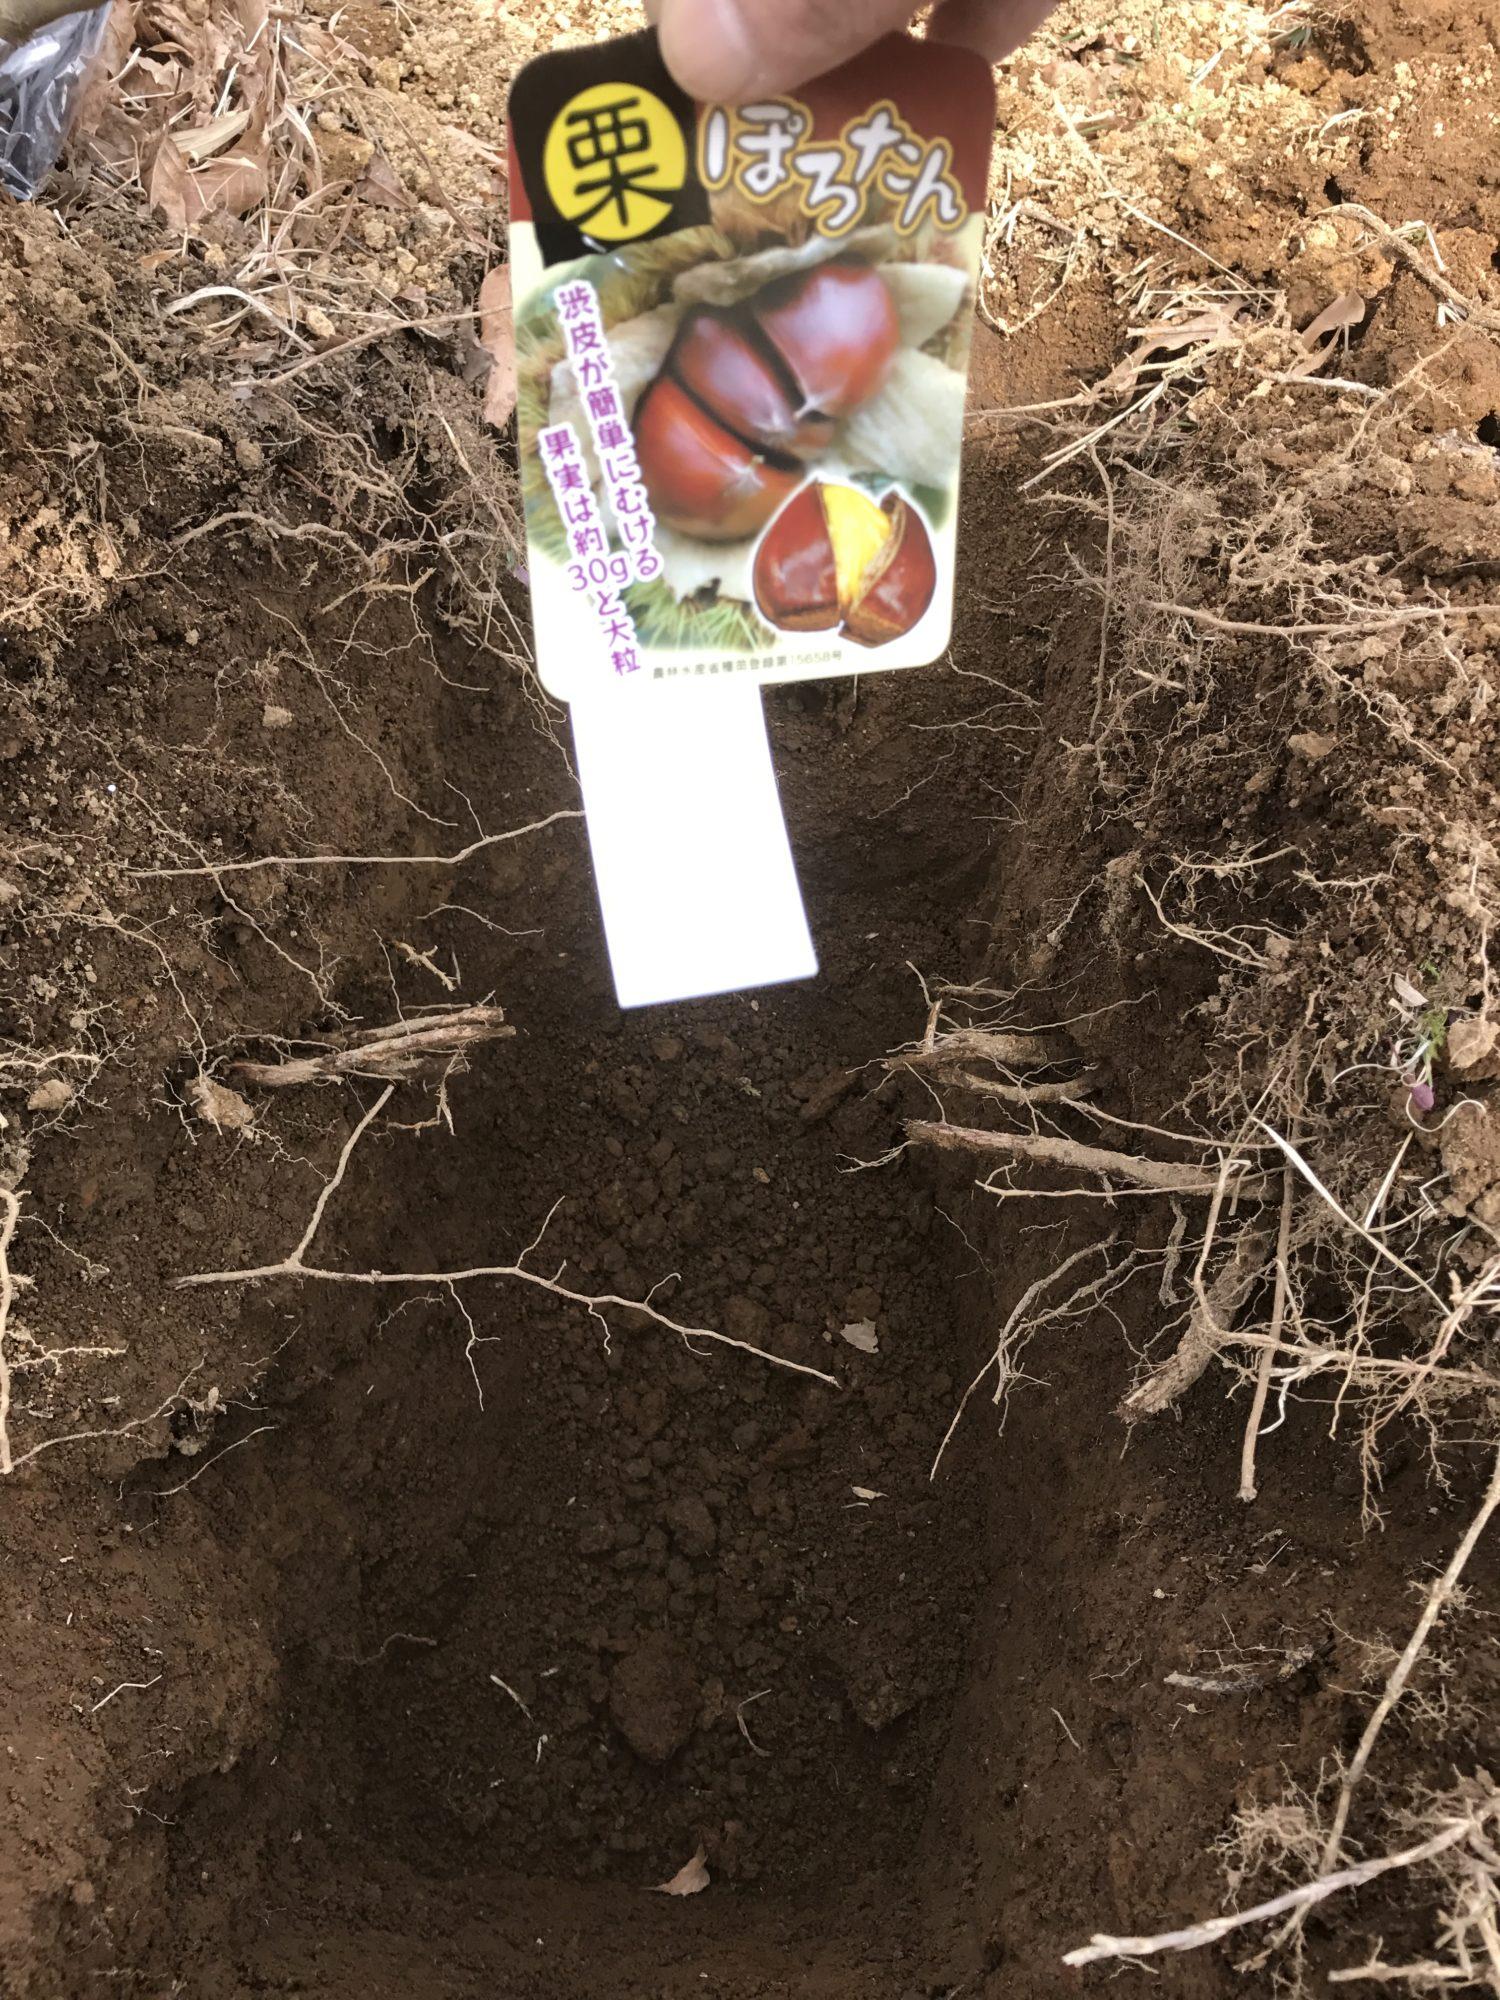 昨年植えた際に掘った深い穴